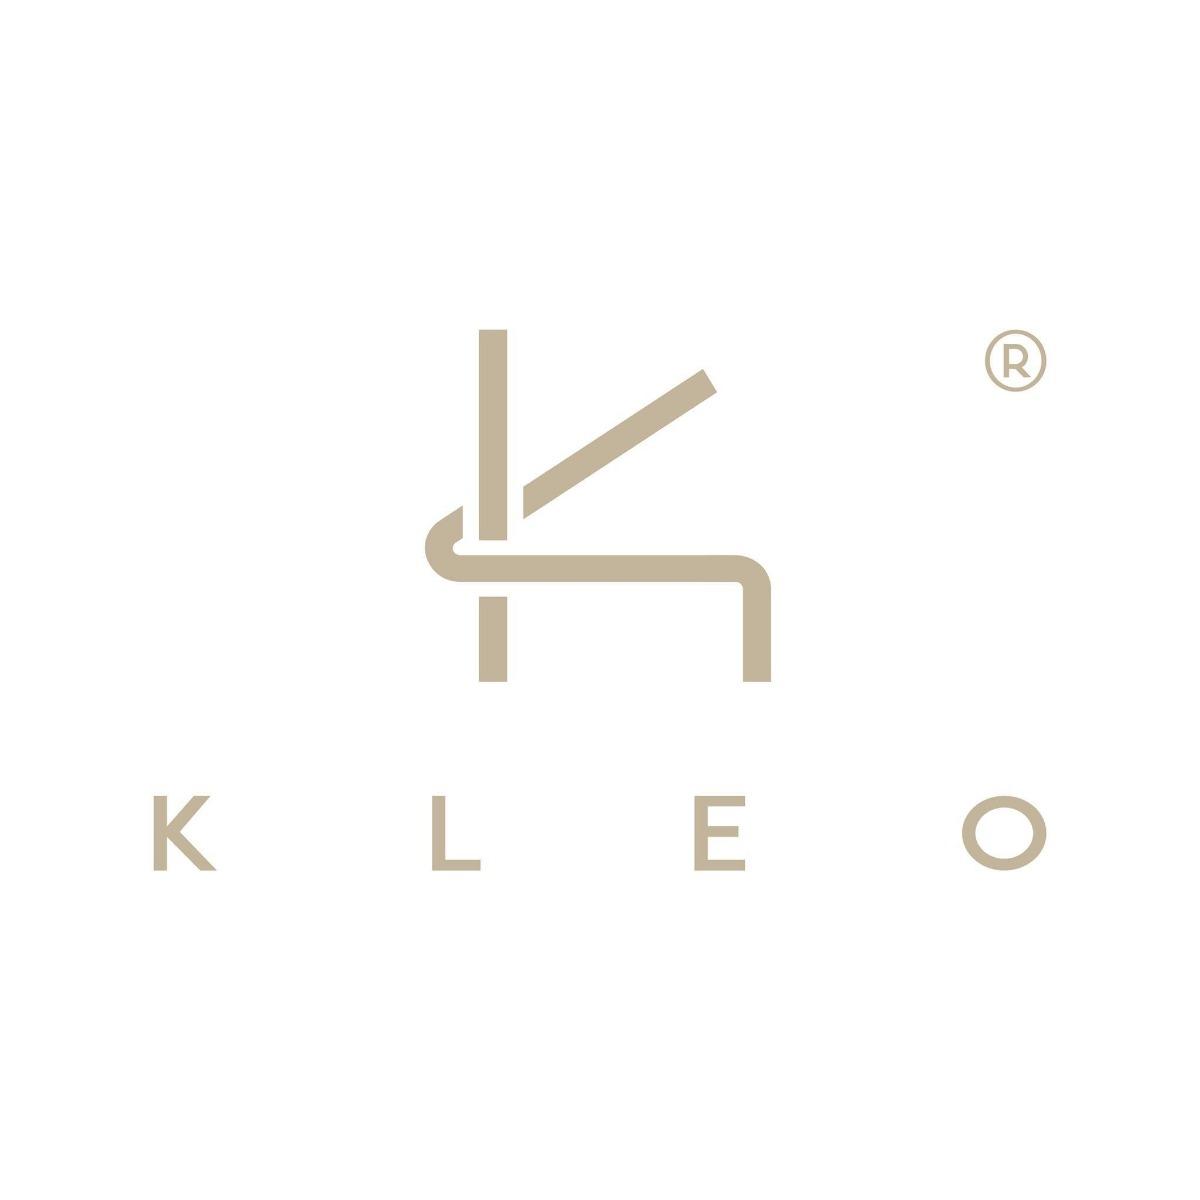 meuble-kleo-interior